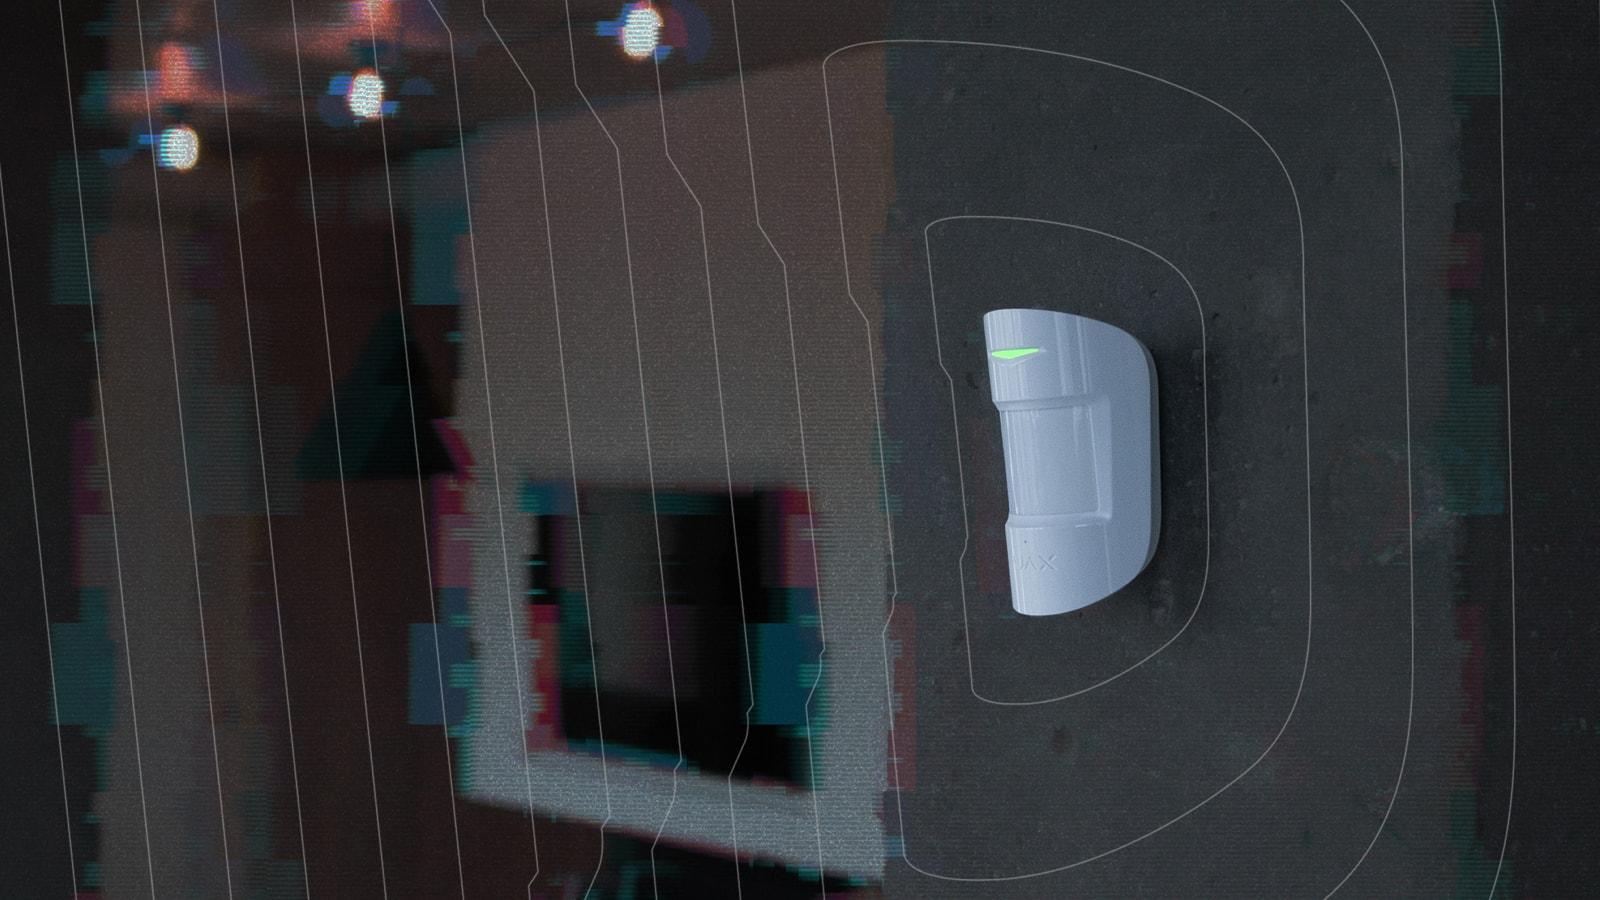 Inibizione di un sistema di sicurezza wireless e come difendersi